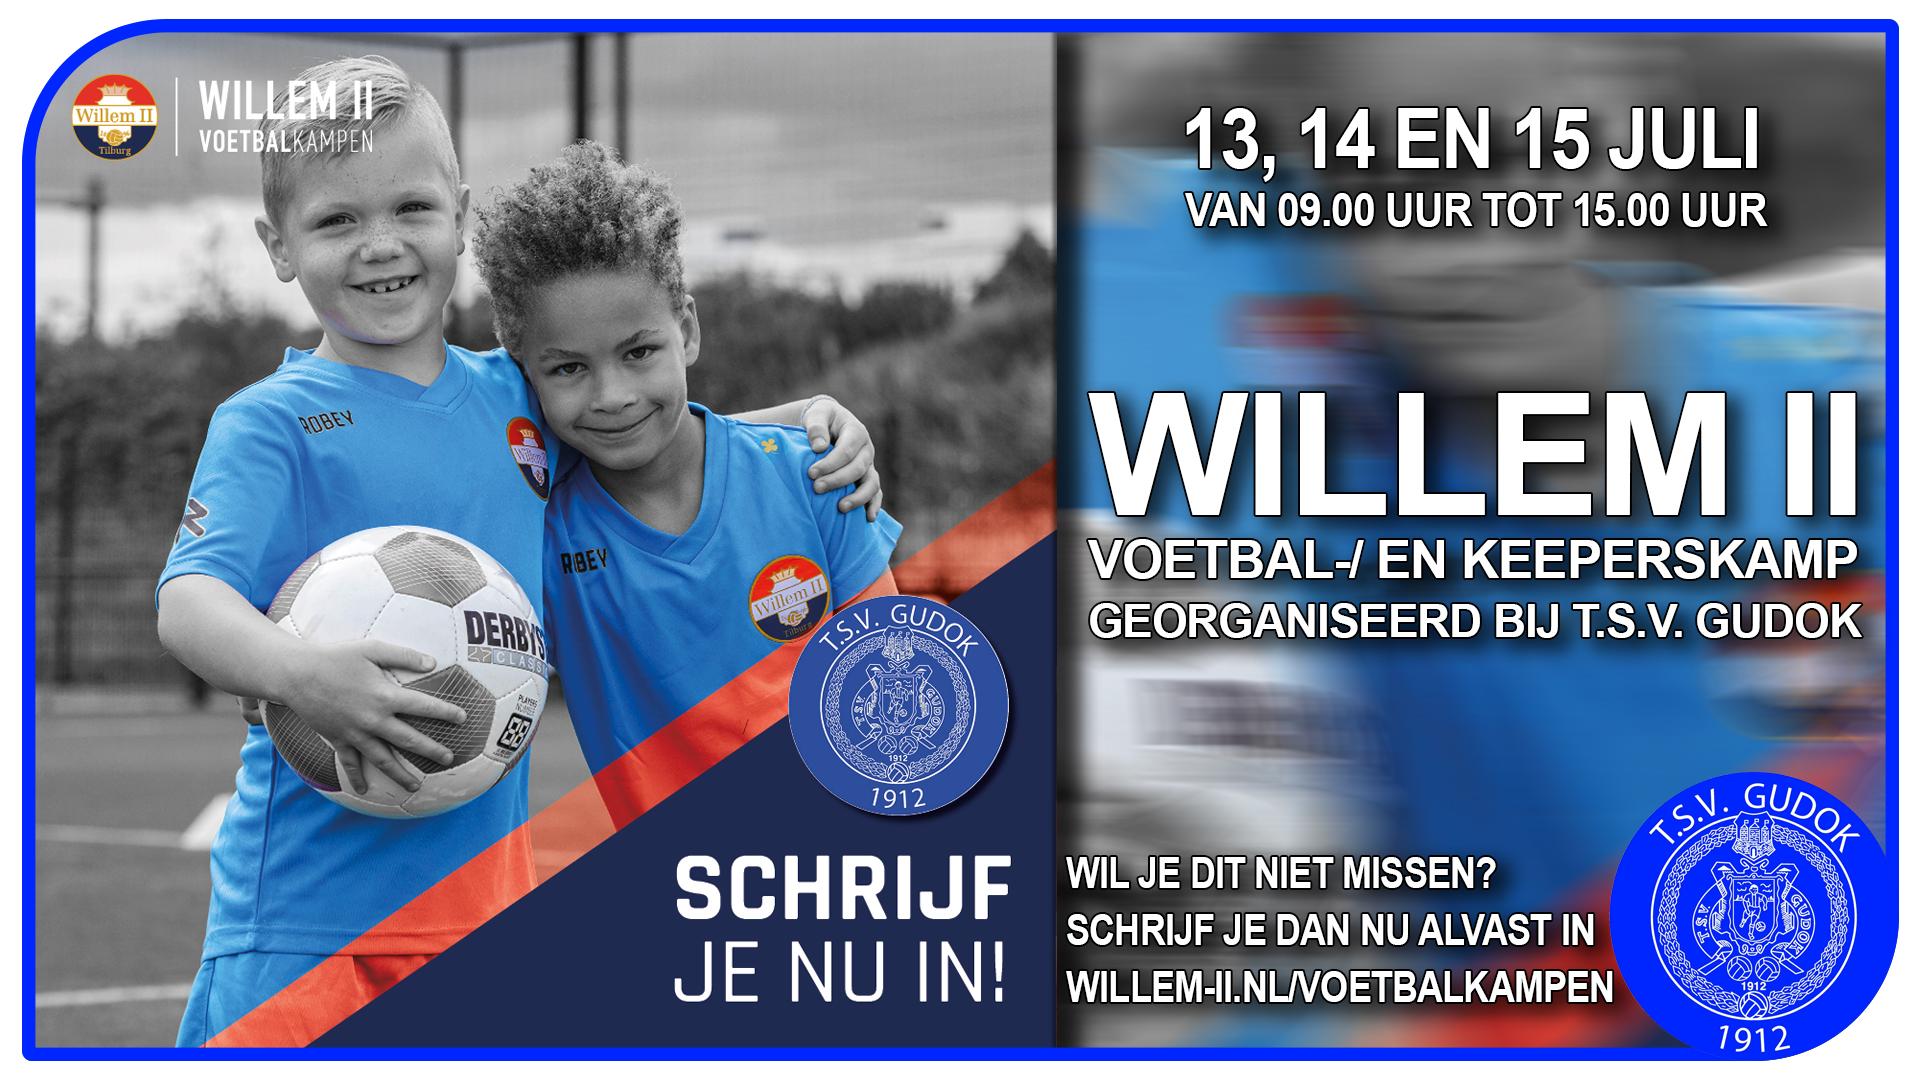 Willem II Voetbalkampen